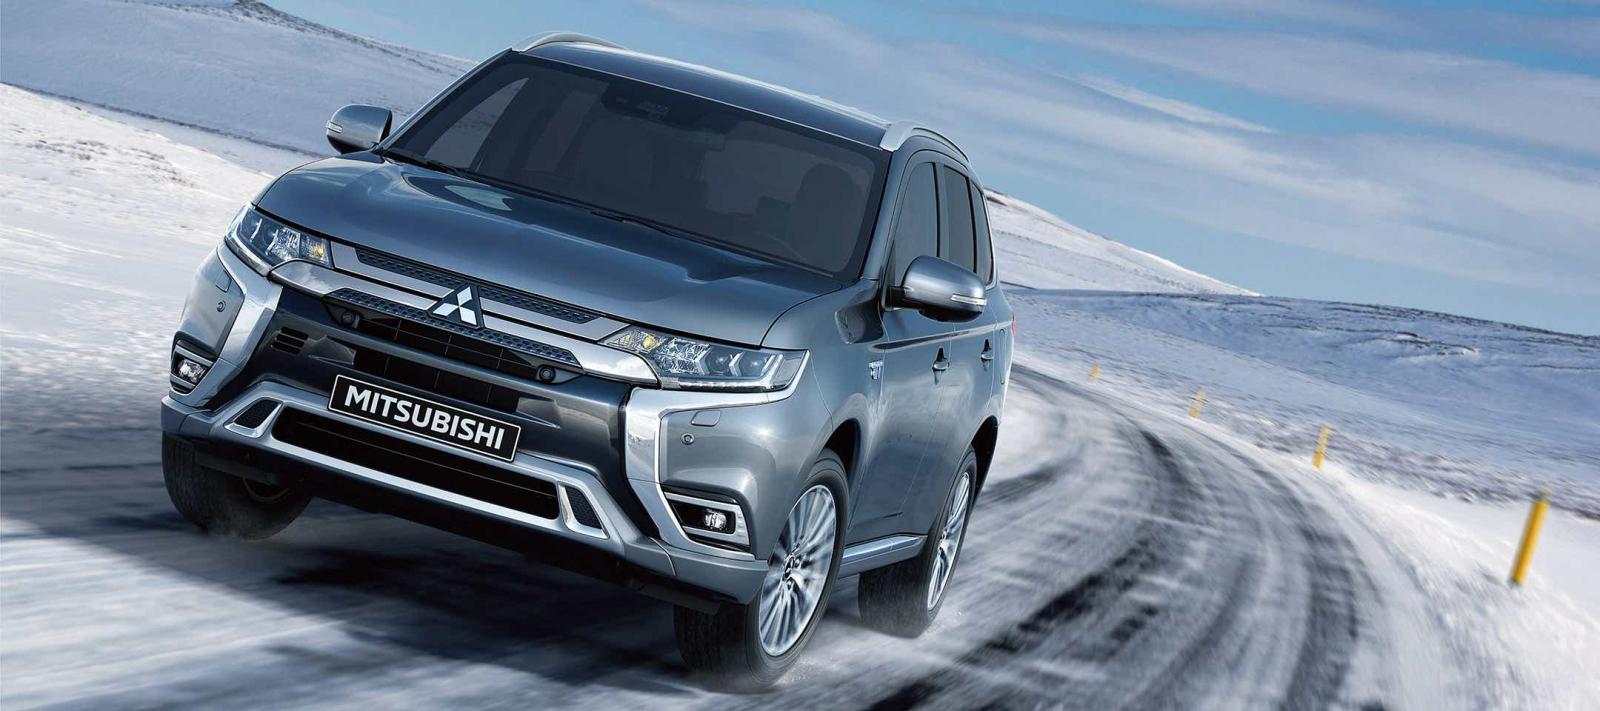 La Mitsubishi Outlander PHEV Limited 2019 registra buen rendimiento de combustible por su sistema híbrido